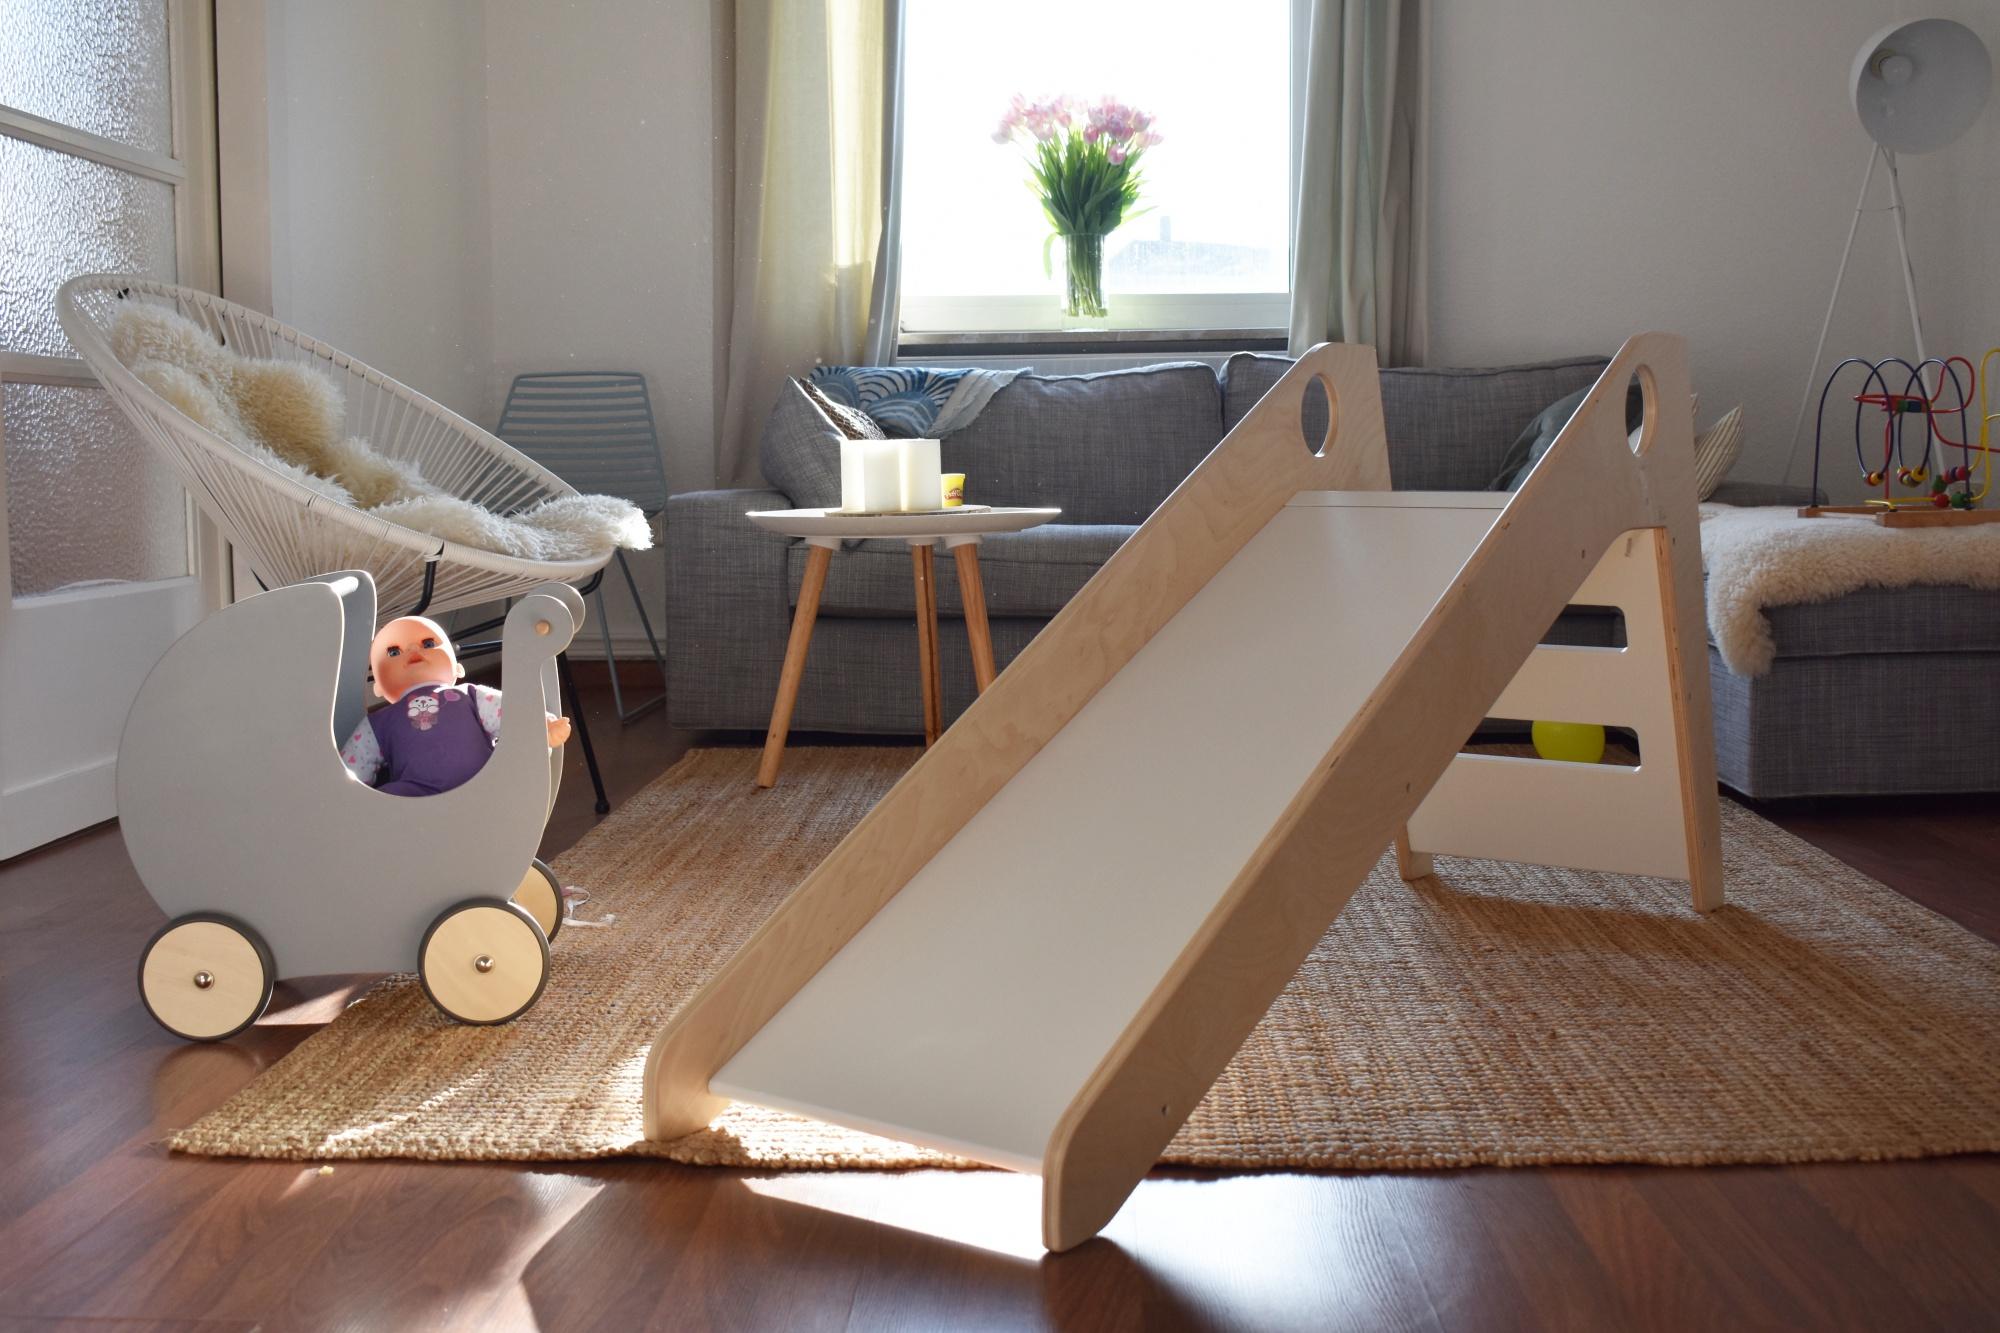 gift guide 5 geschenkideen f r den zweiten geburtstag oh wunderbar blog family fashion. Black Bedroom Furniture Sets. Home Design Ideas